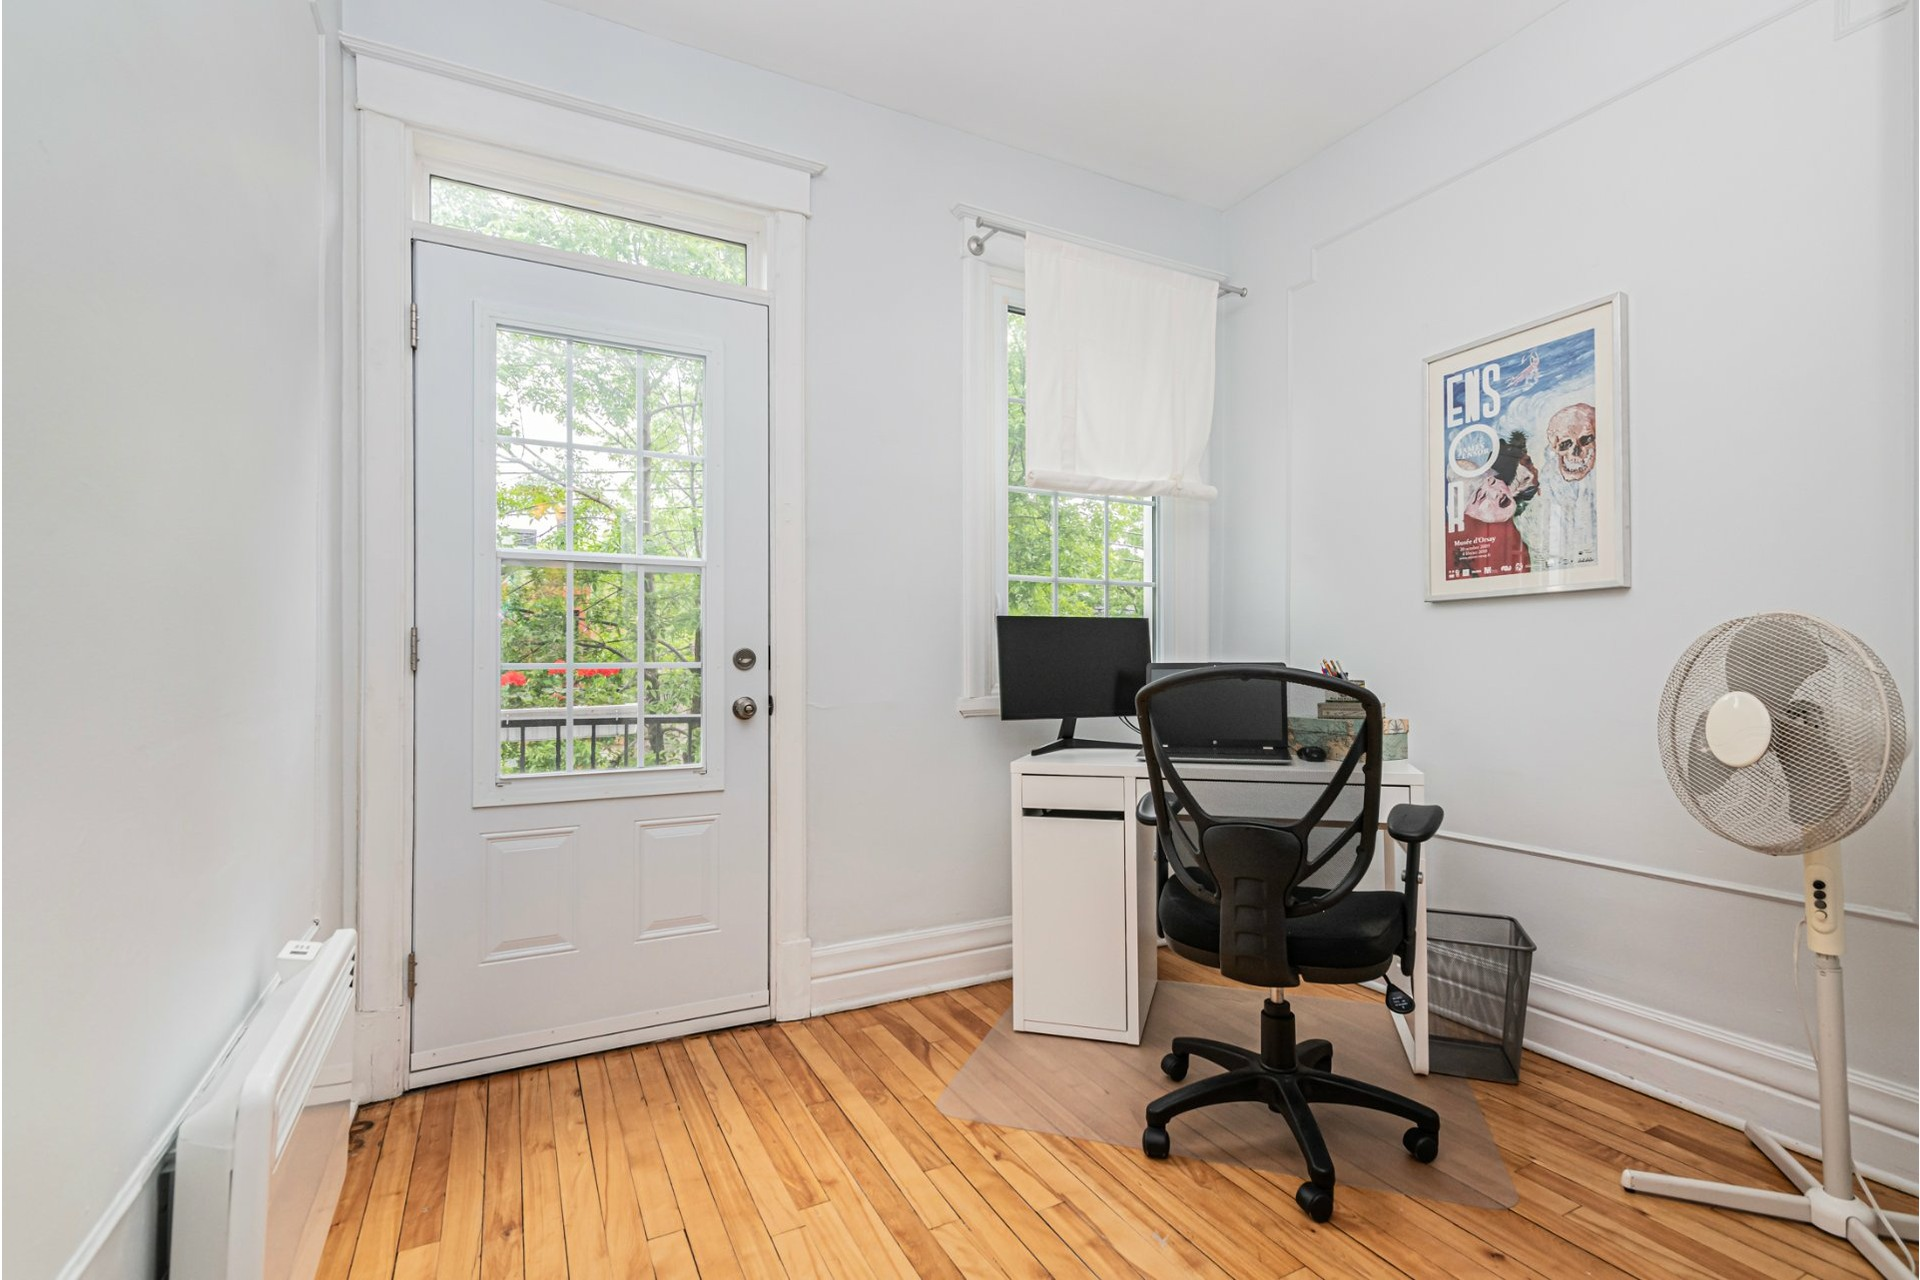 image 8 - Appartement À vendre Côte-des-Neiges/Notre-Dame-de-Grâce Montréal  - 7 pièces